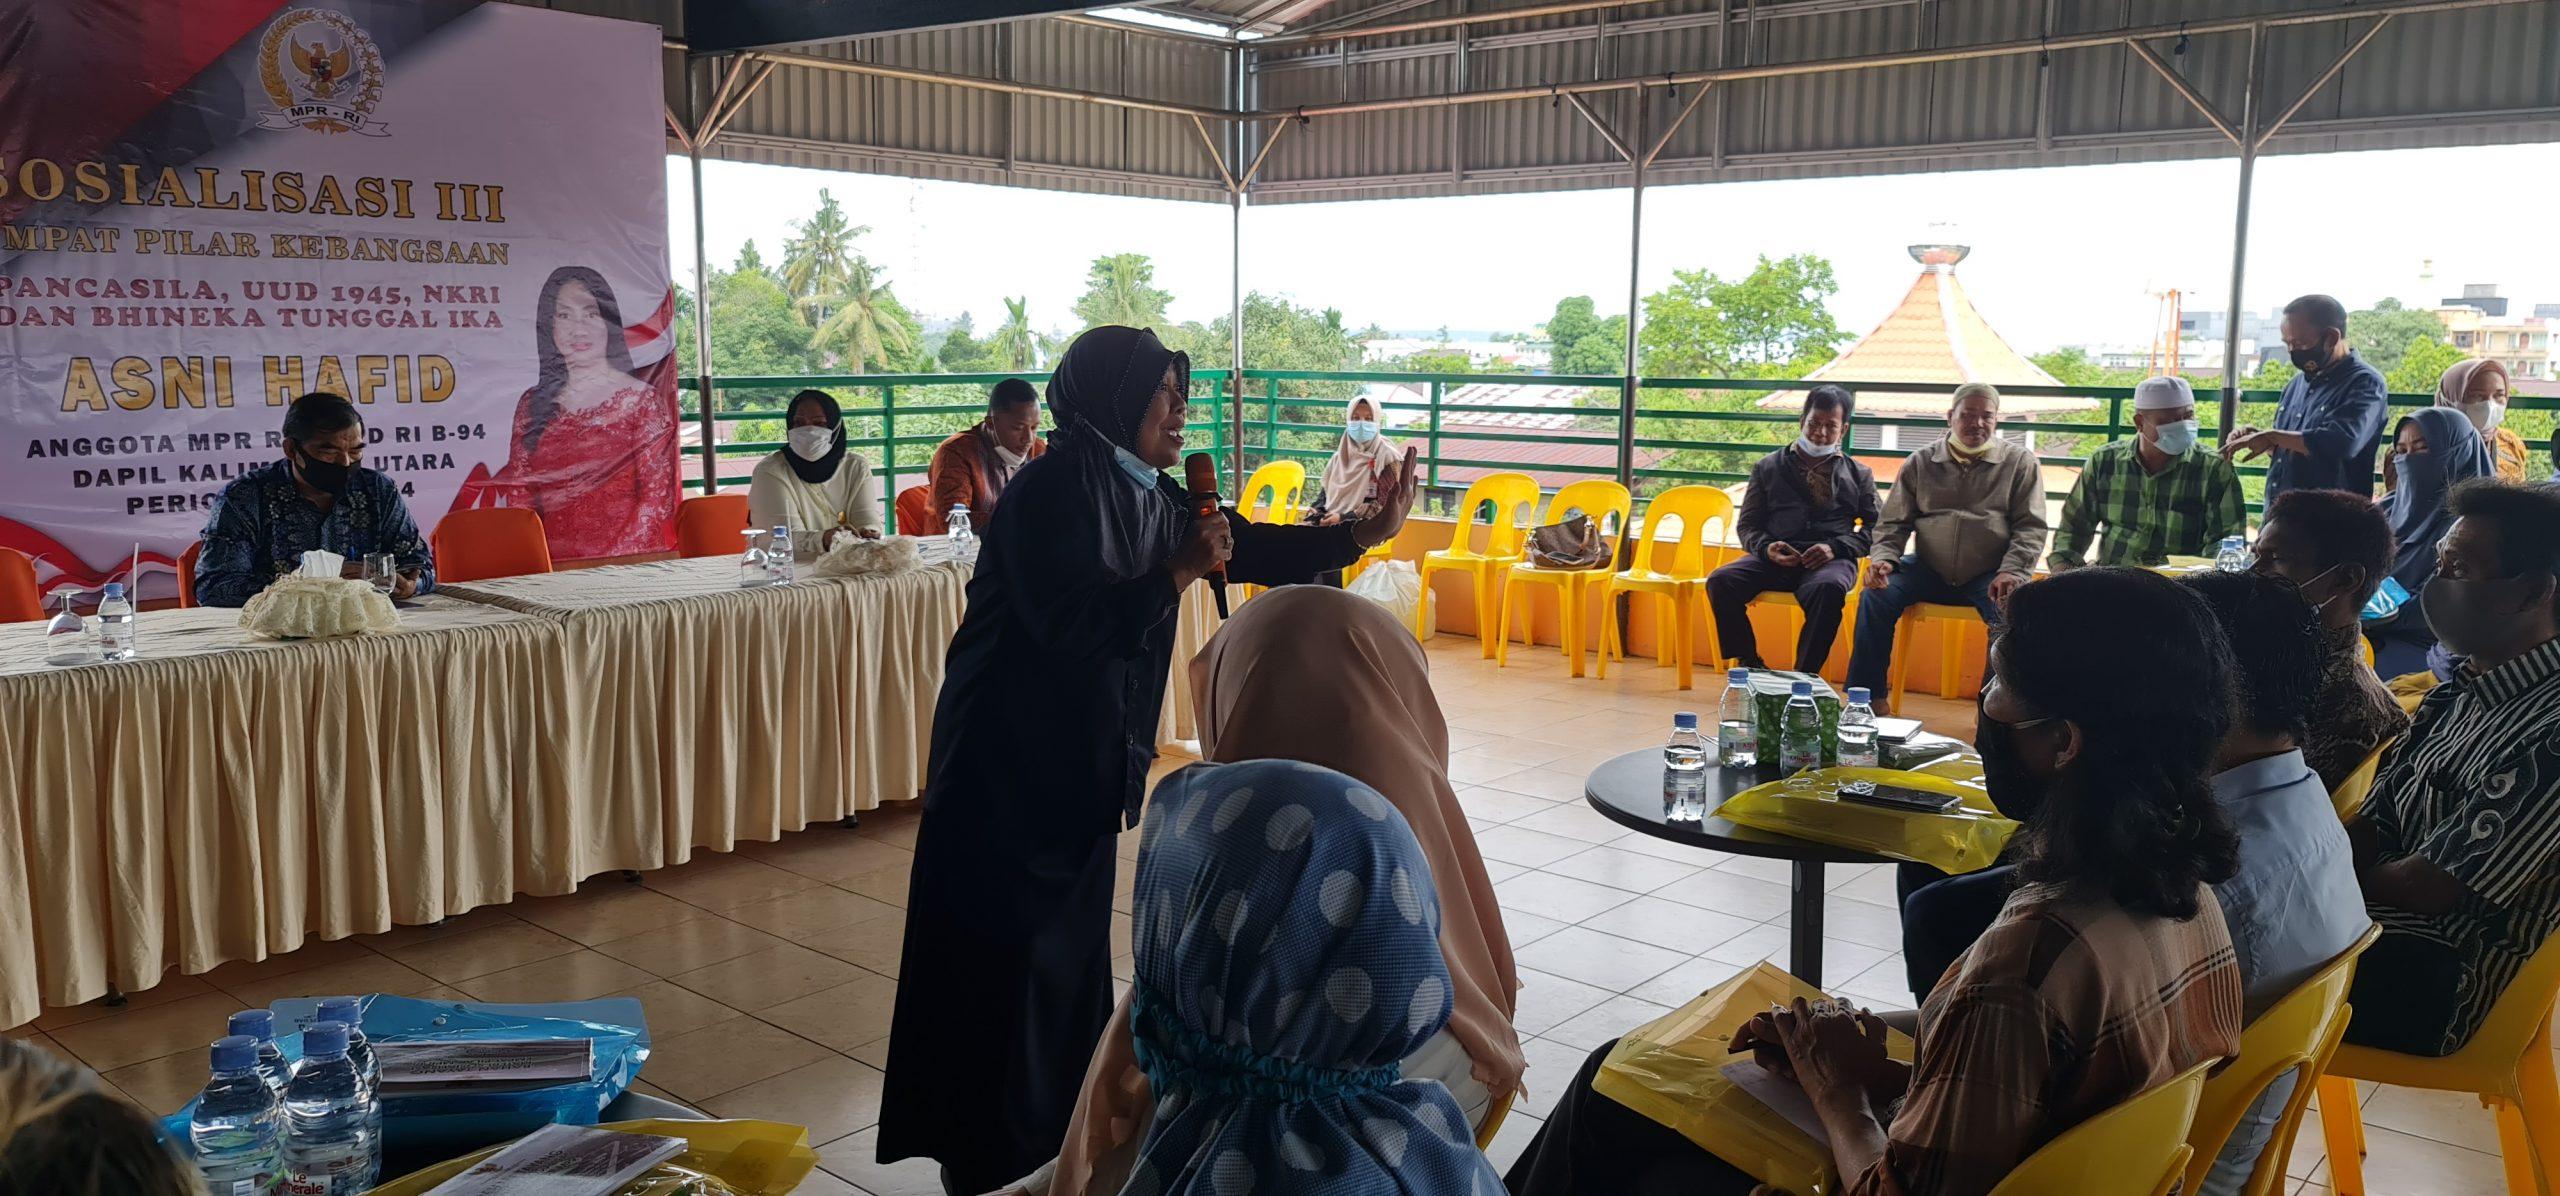 Narasumber Hj Fajar Arsidana, S.Pdi MM menyampaikan materi dan berinteraksi dengan salah seorang peserta dalam sosialisasi 4 pilar kebangsaan.